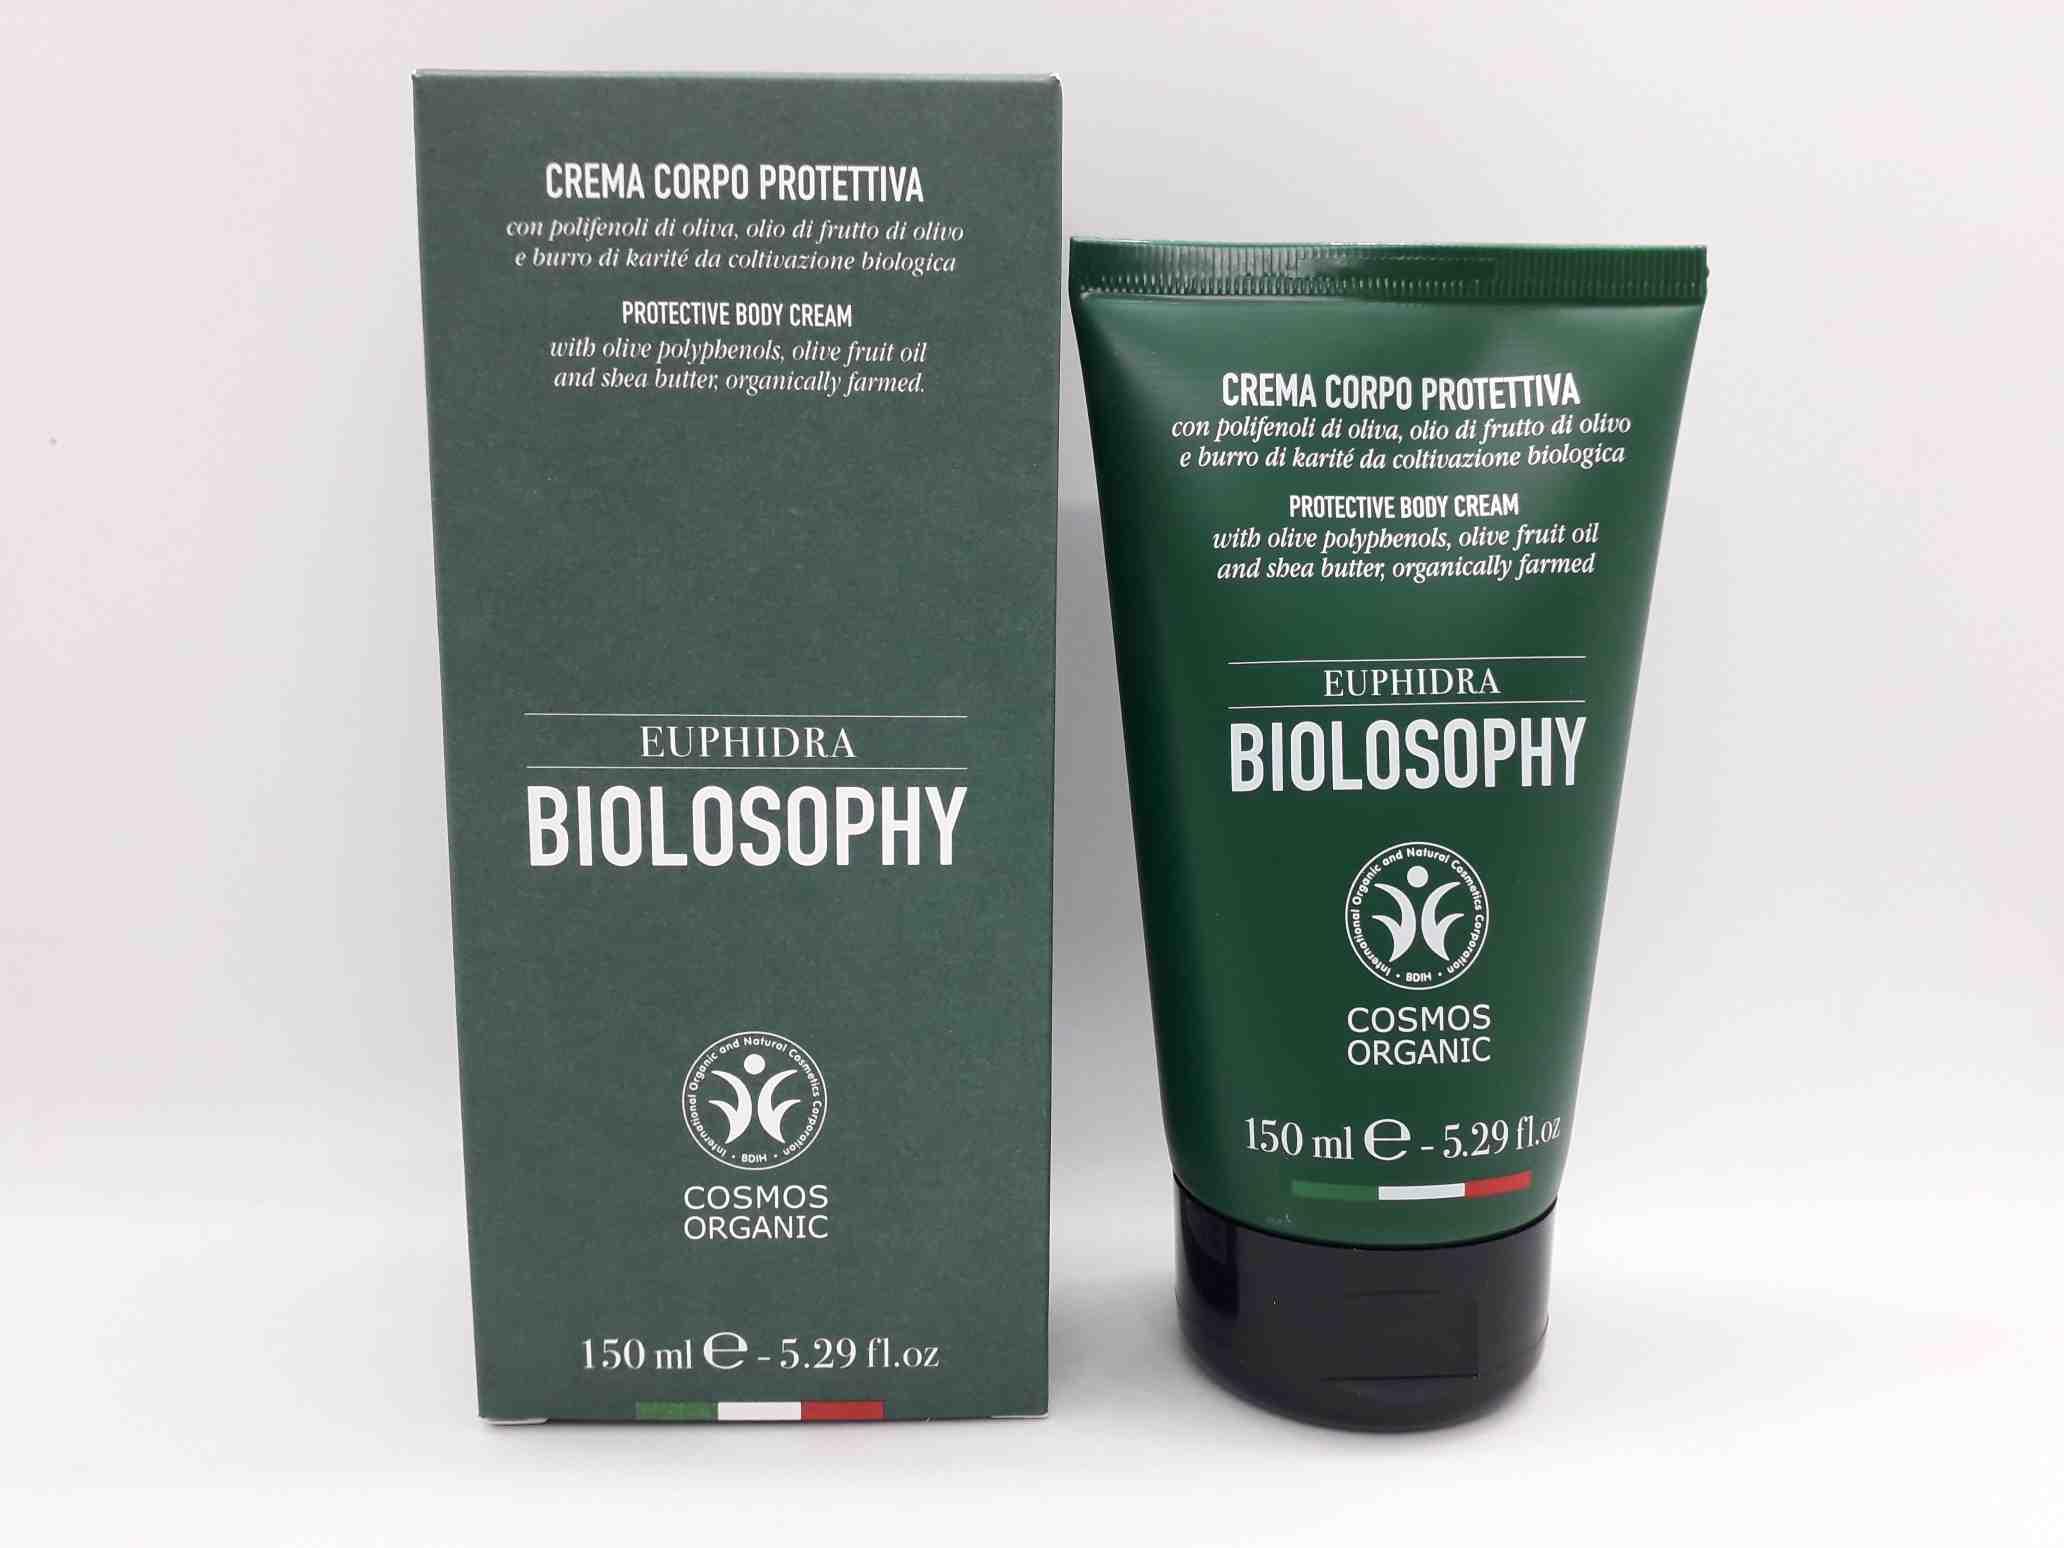 EUPHIDRA BIOLOSOPHY CREMA CORPO PROTETTIVA 150  - Farmaciaempatica.it